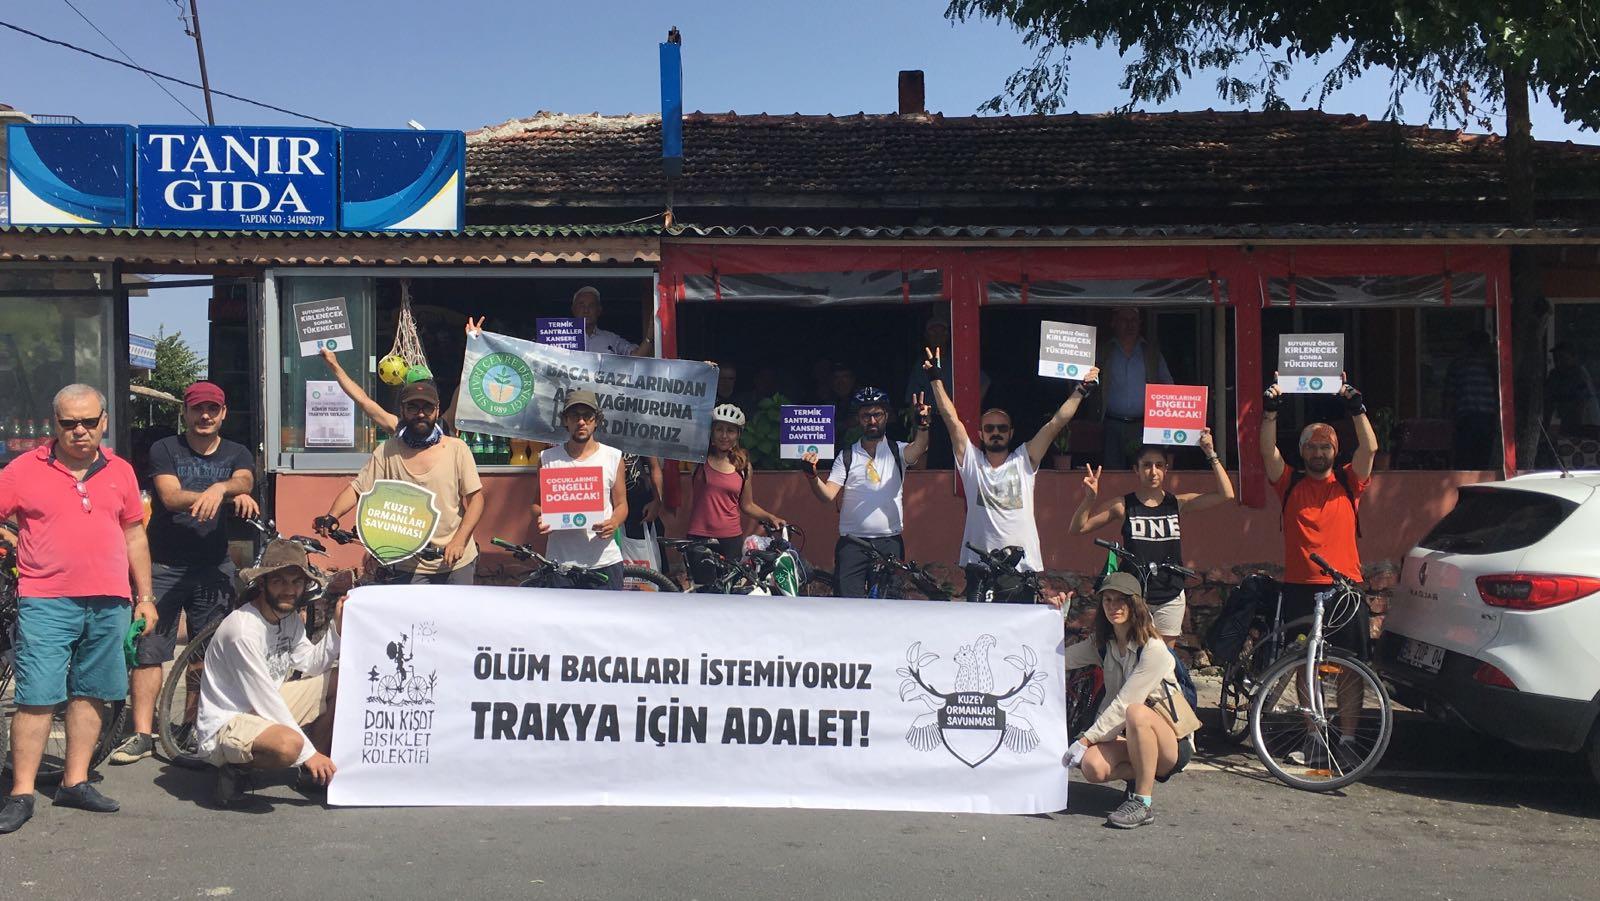 Kuzey Ormanları'nı savunmak içinTrakya'ya pedallayanlar, ölüm bacaları istemeyen Trakya köylüleri ile buluştu!